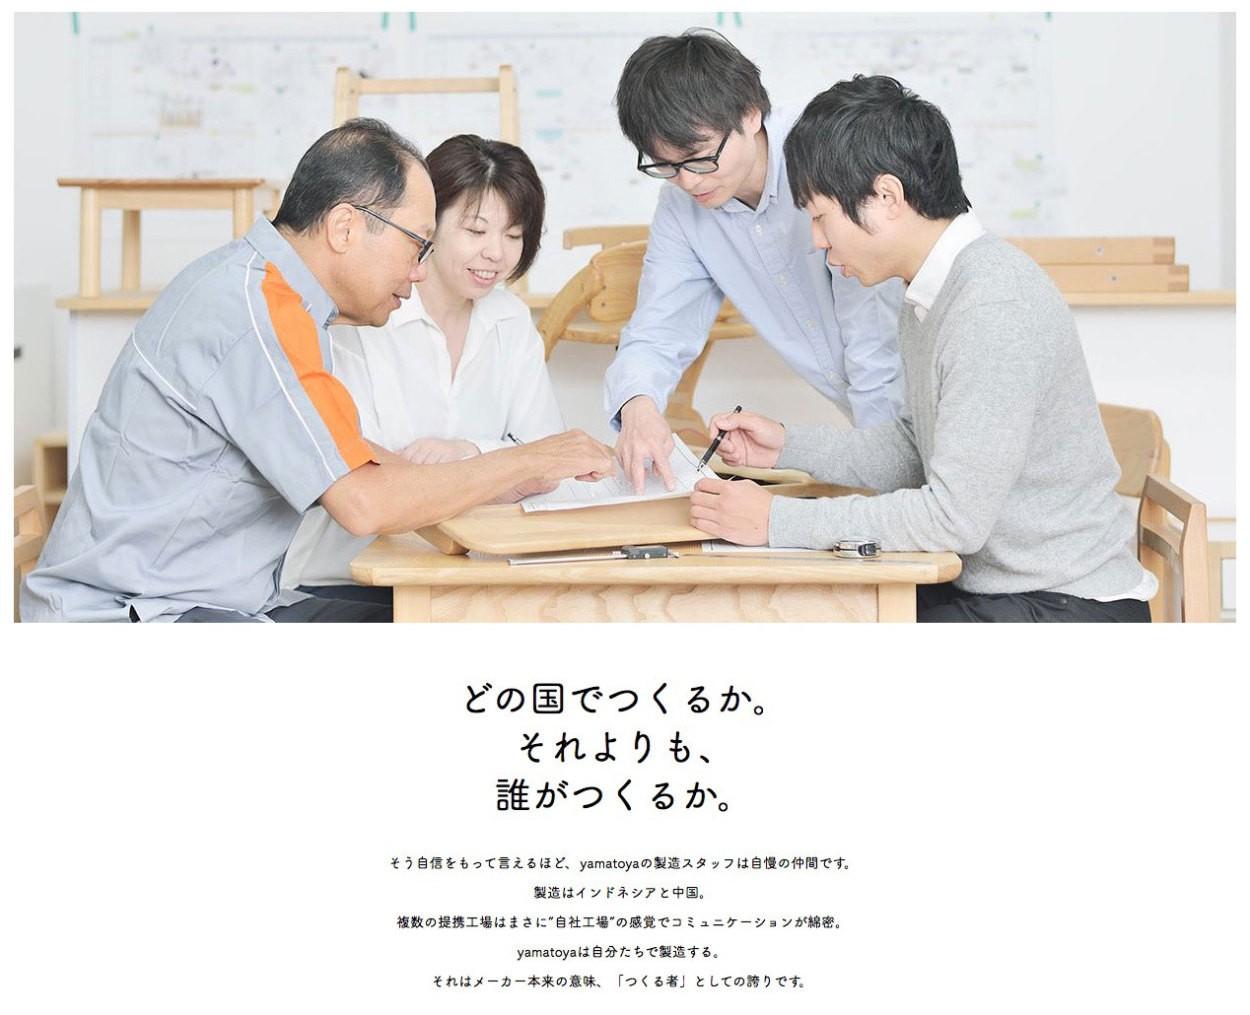 yamatoya(大和屋)